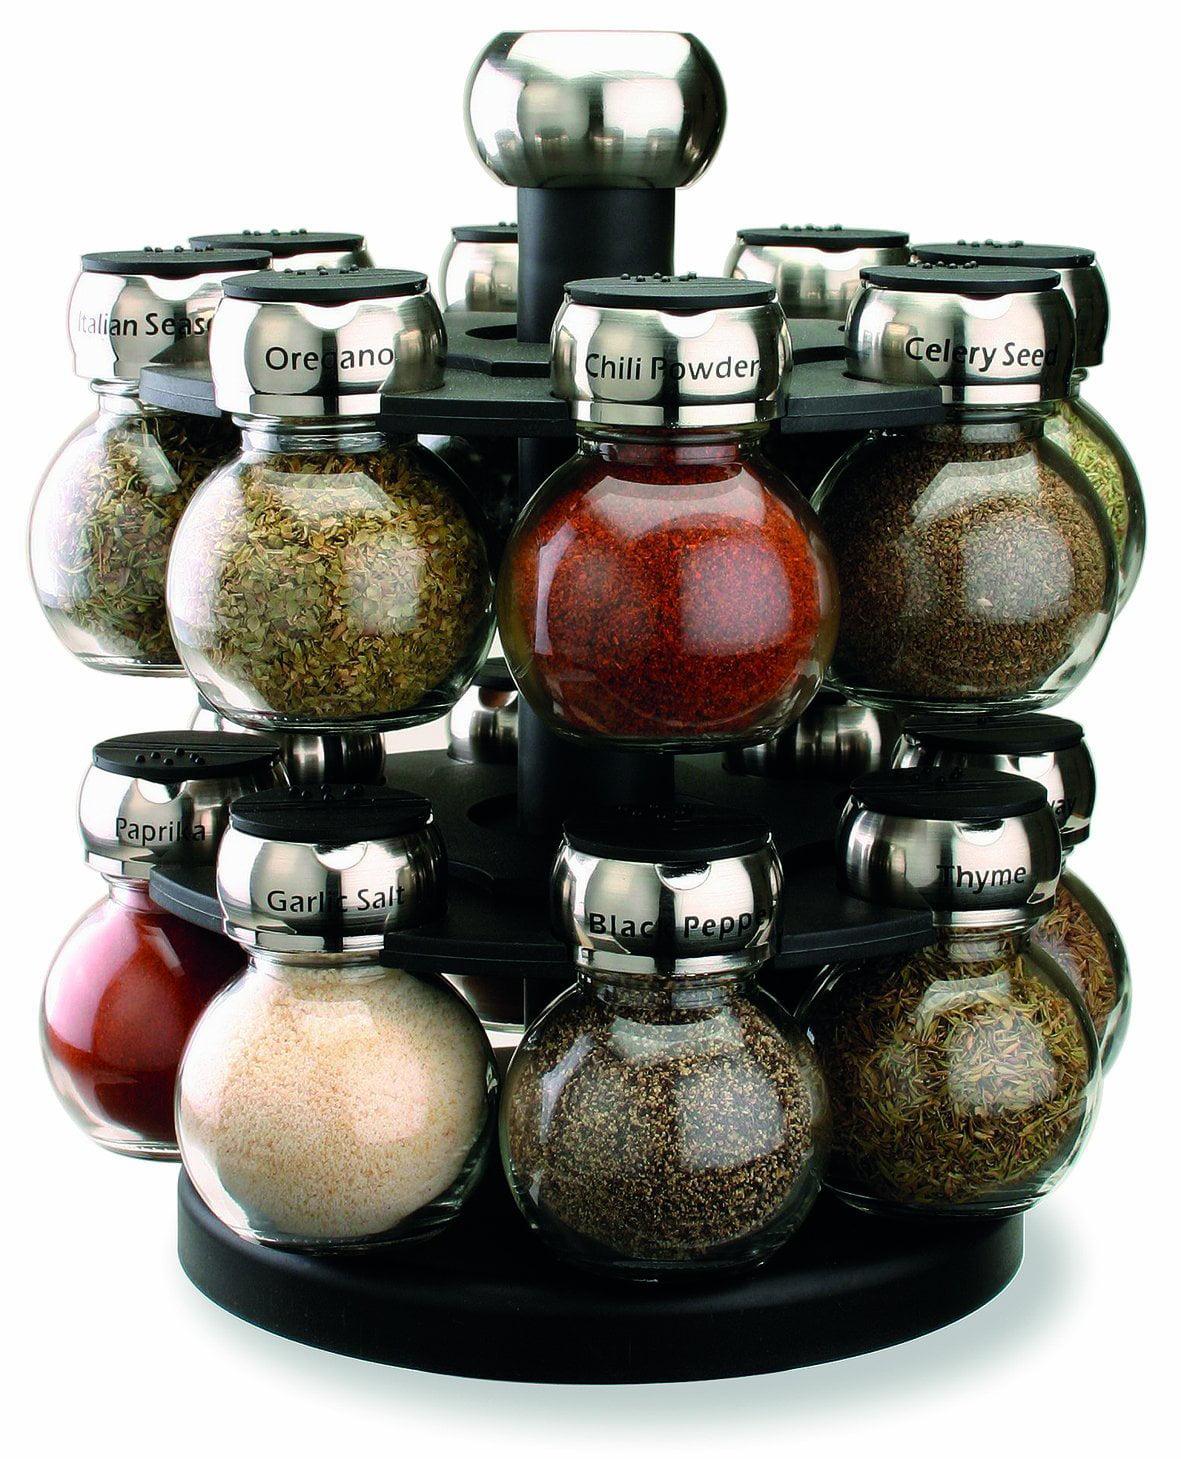 Wonderful Olde Thompson 16 Jar Labeled Orbit Spice Rack Jars U0026 Rack   Walmart.com